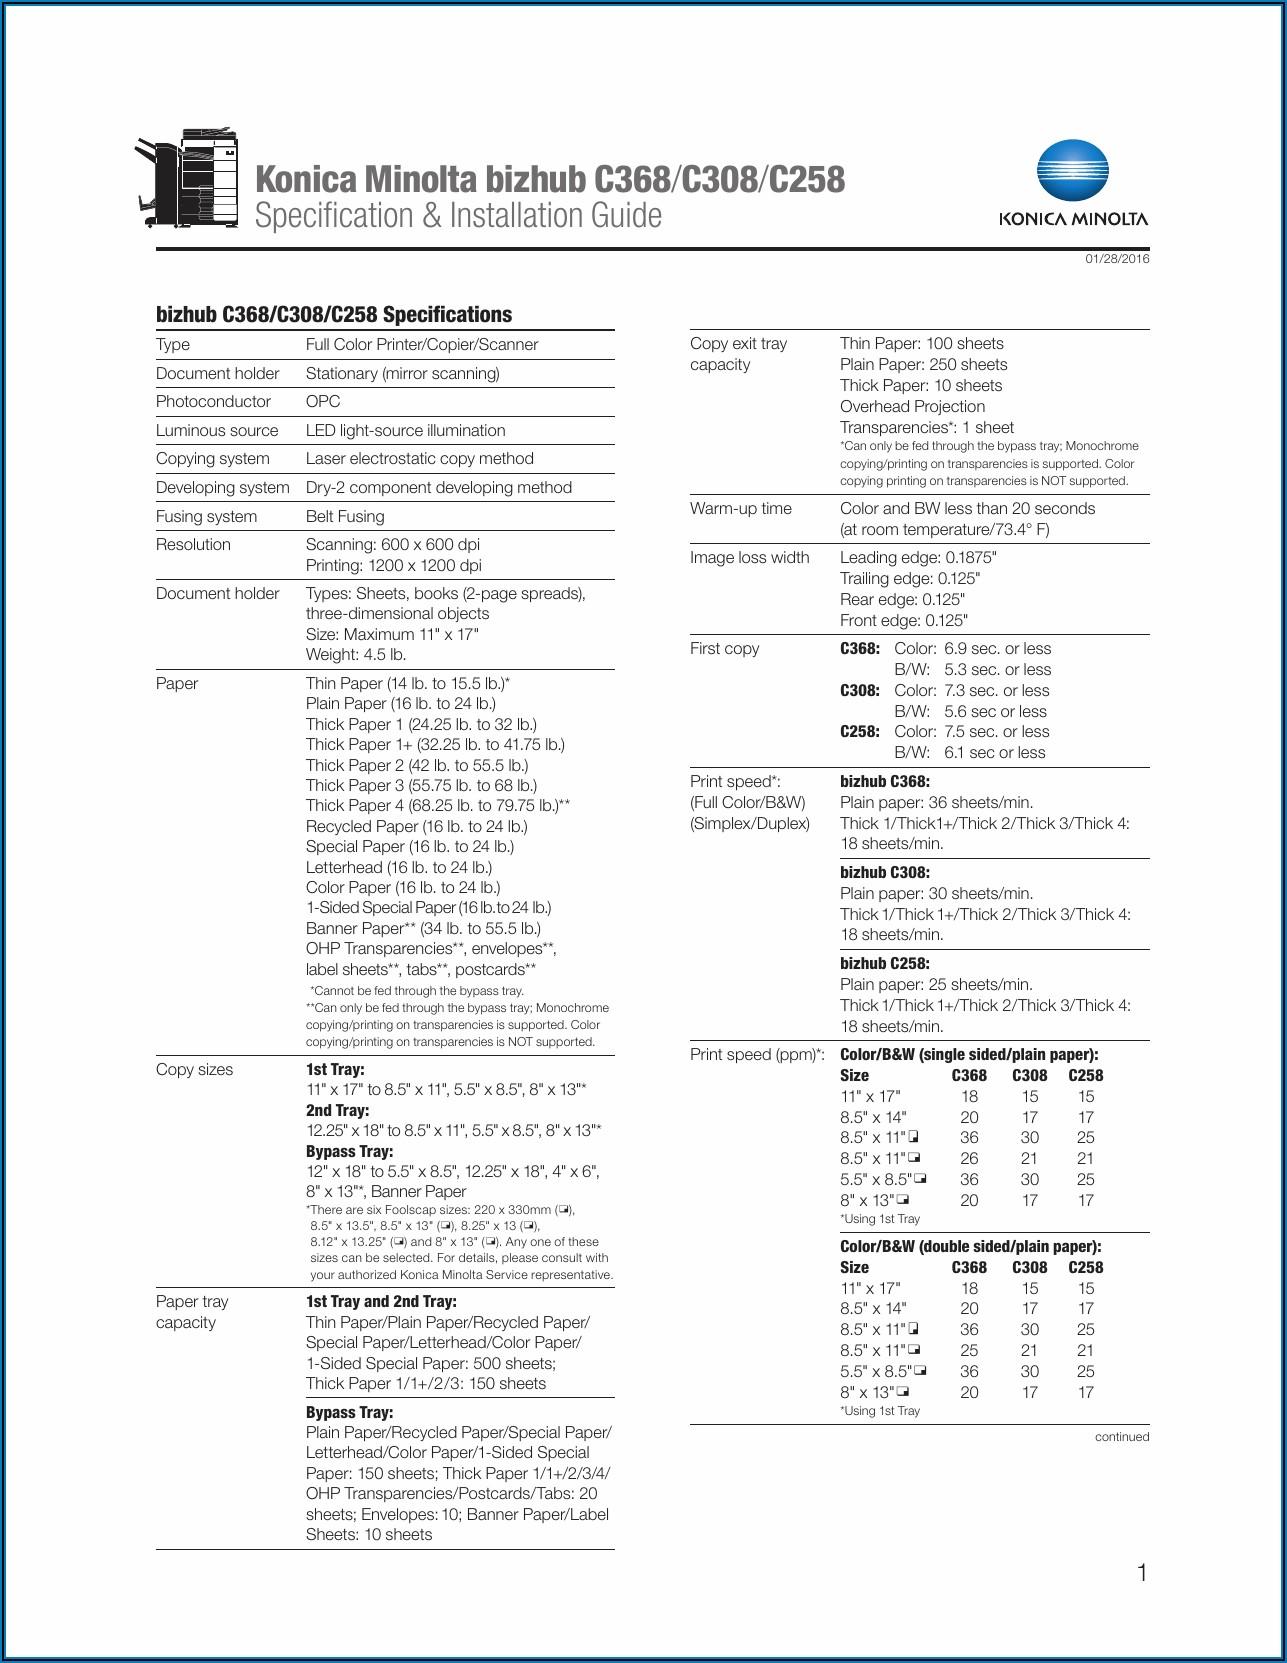 Konica Minolta C258 Spec Sheet